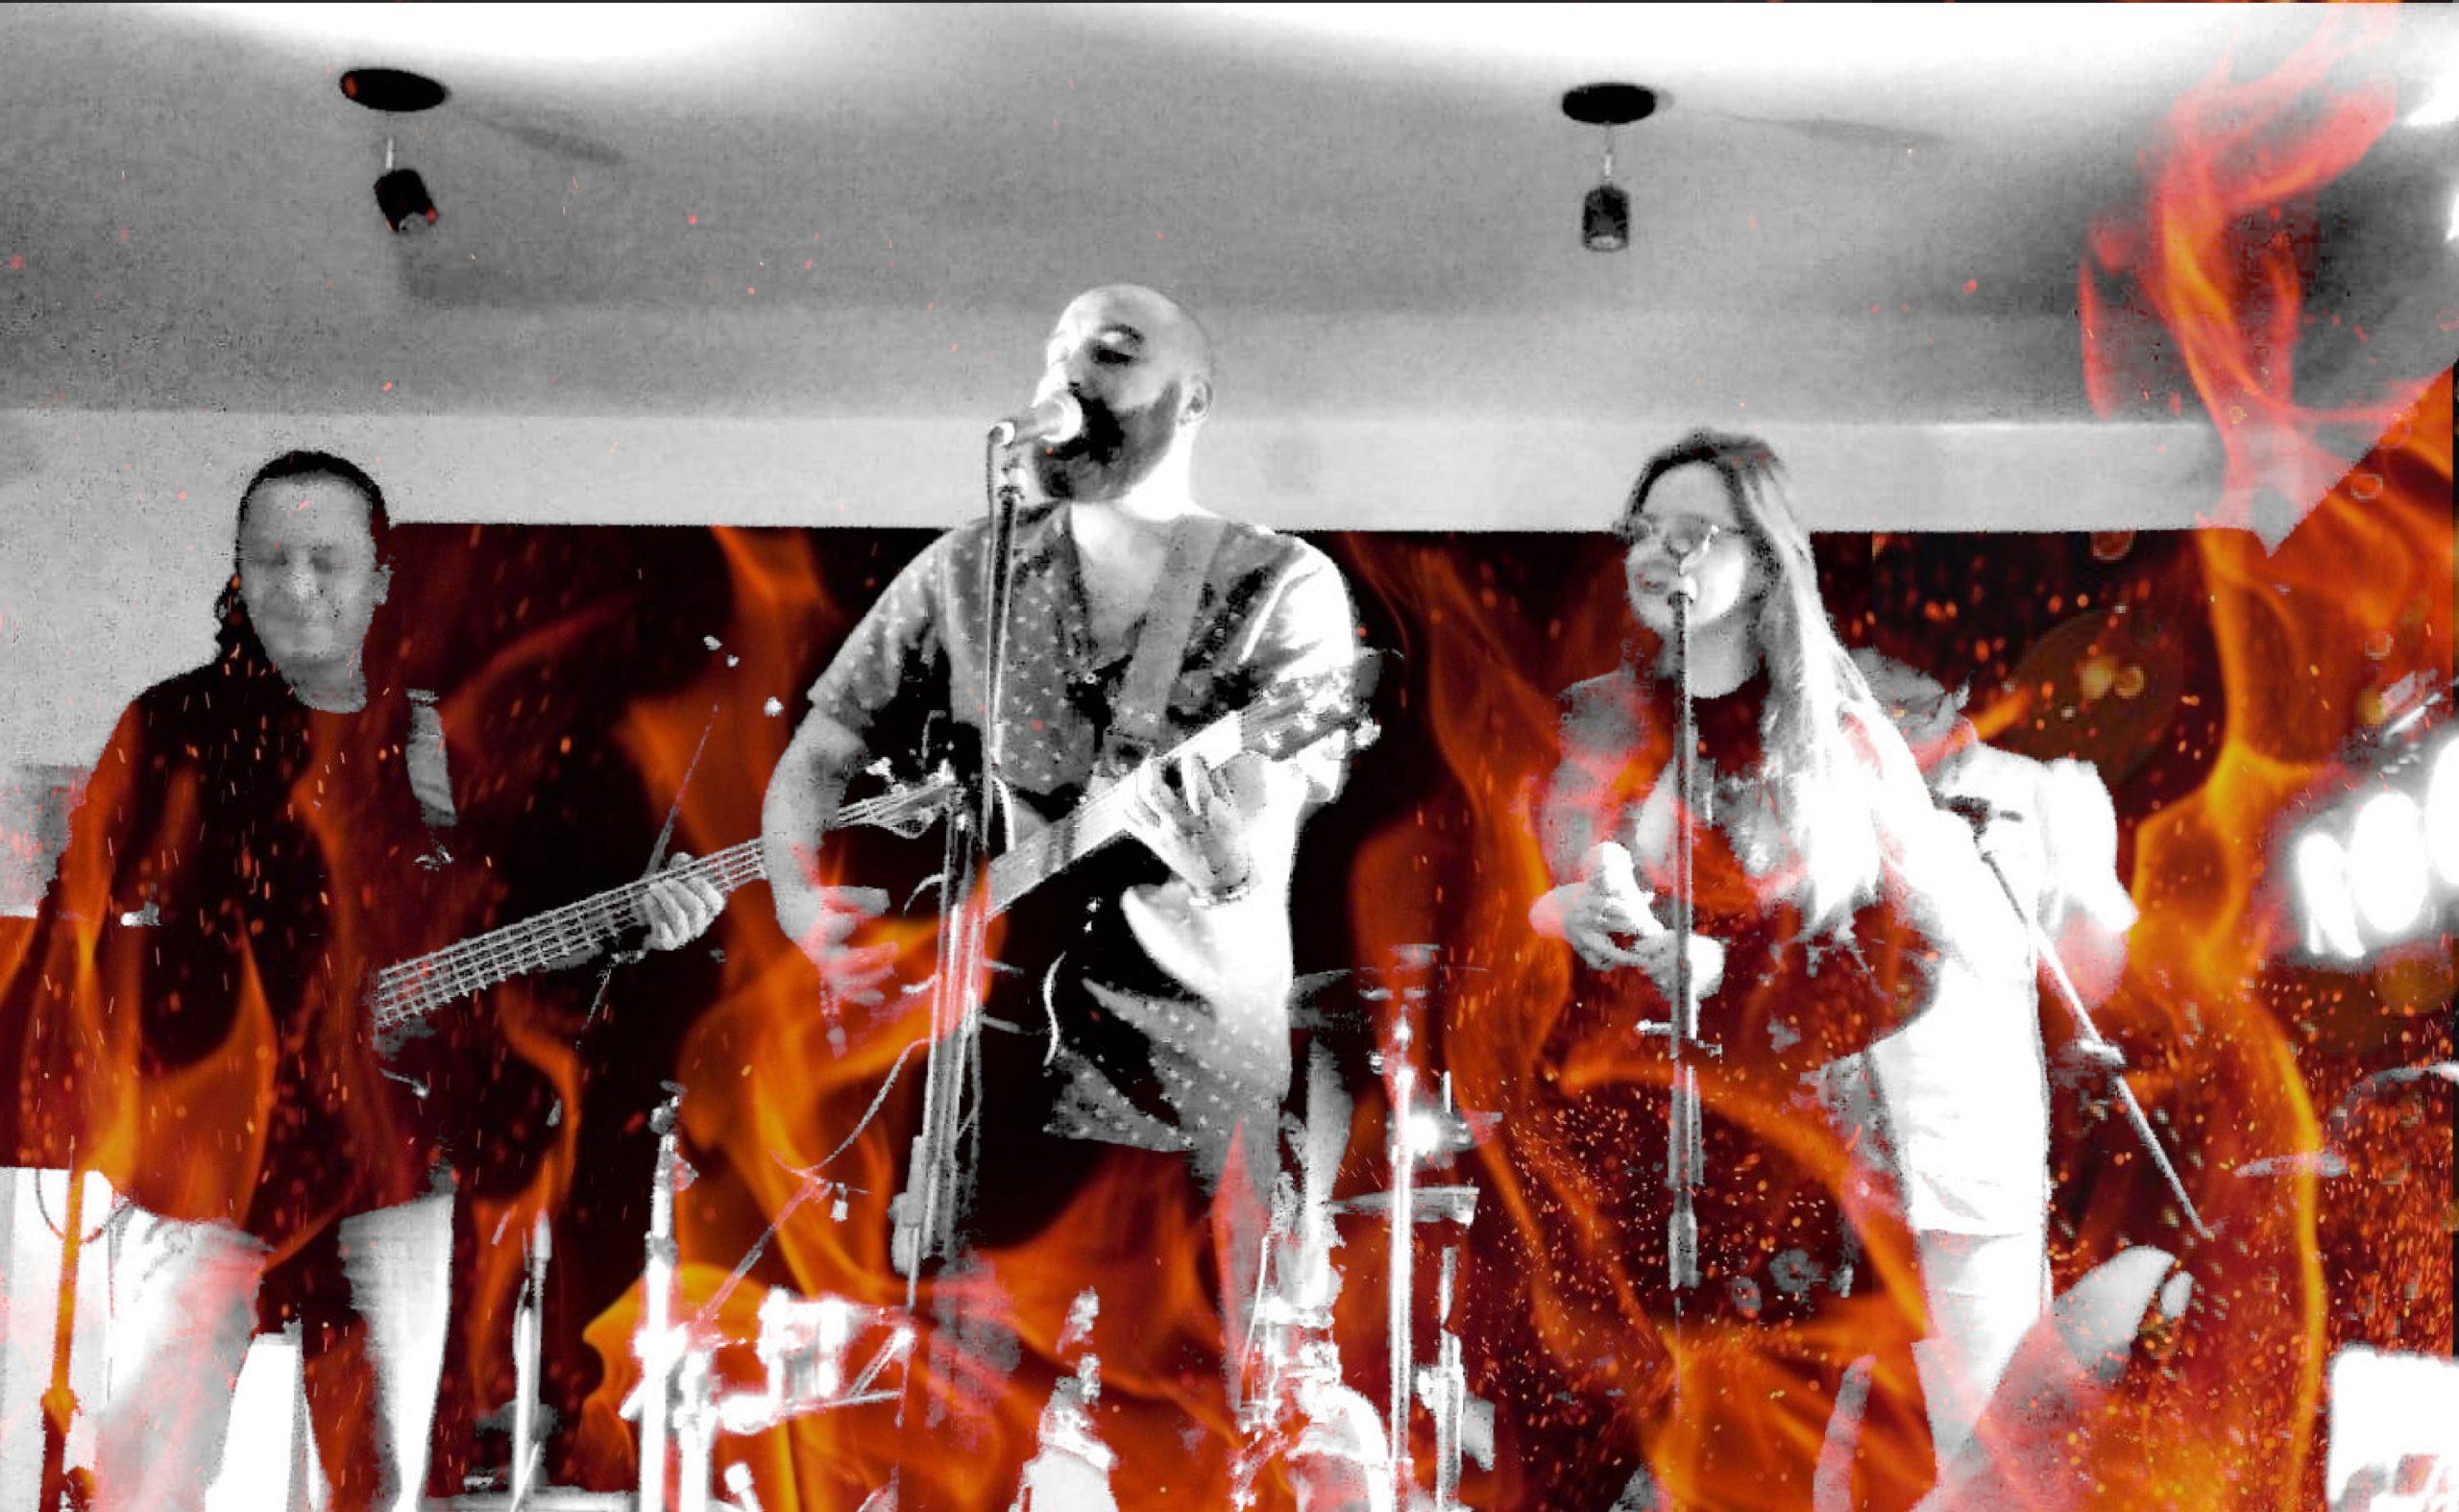 Se incendia la Hoguera: Rocko y los más buscados estrenan videoclip